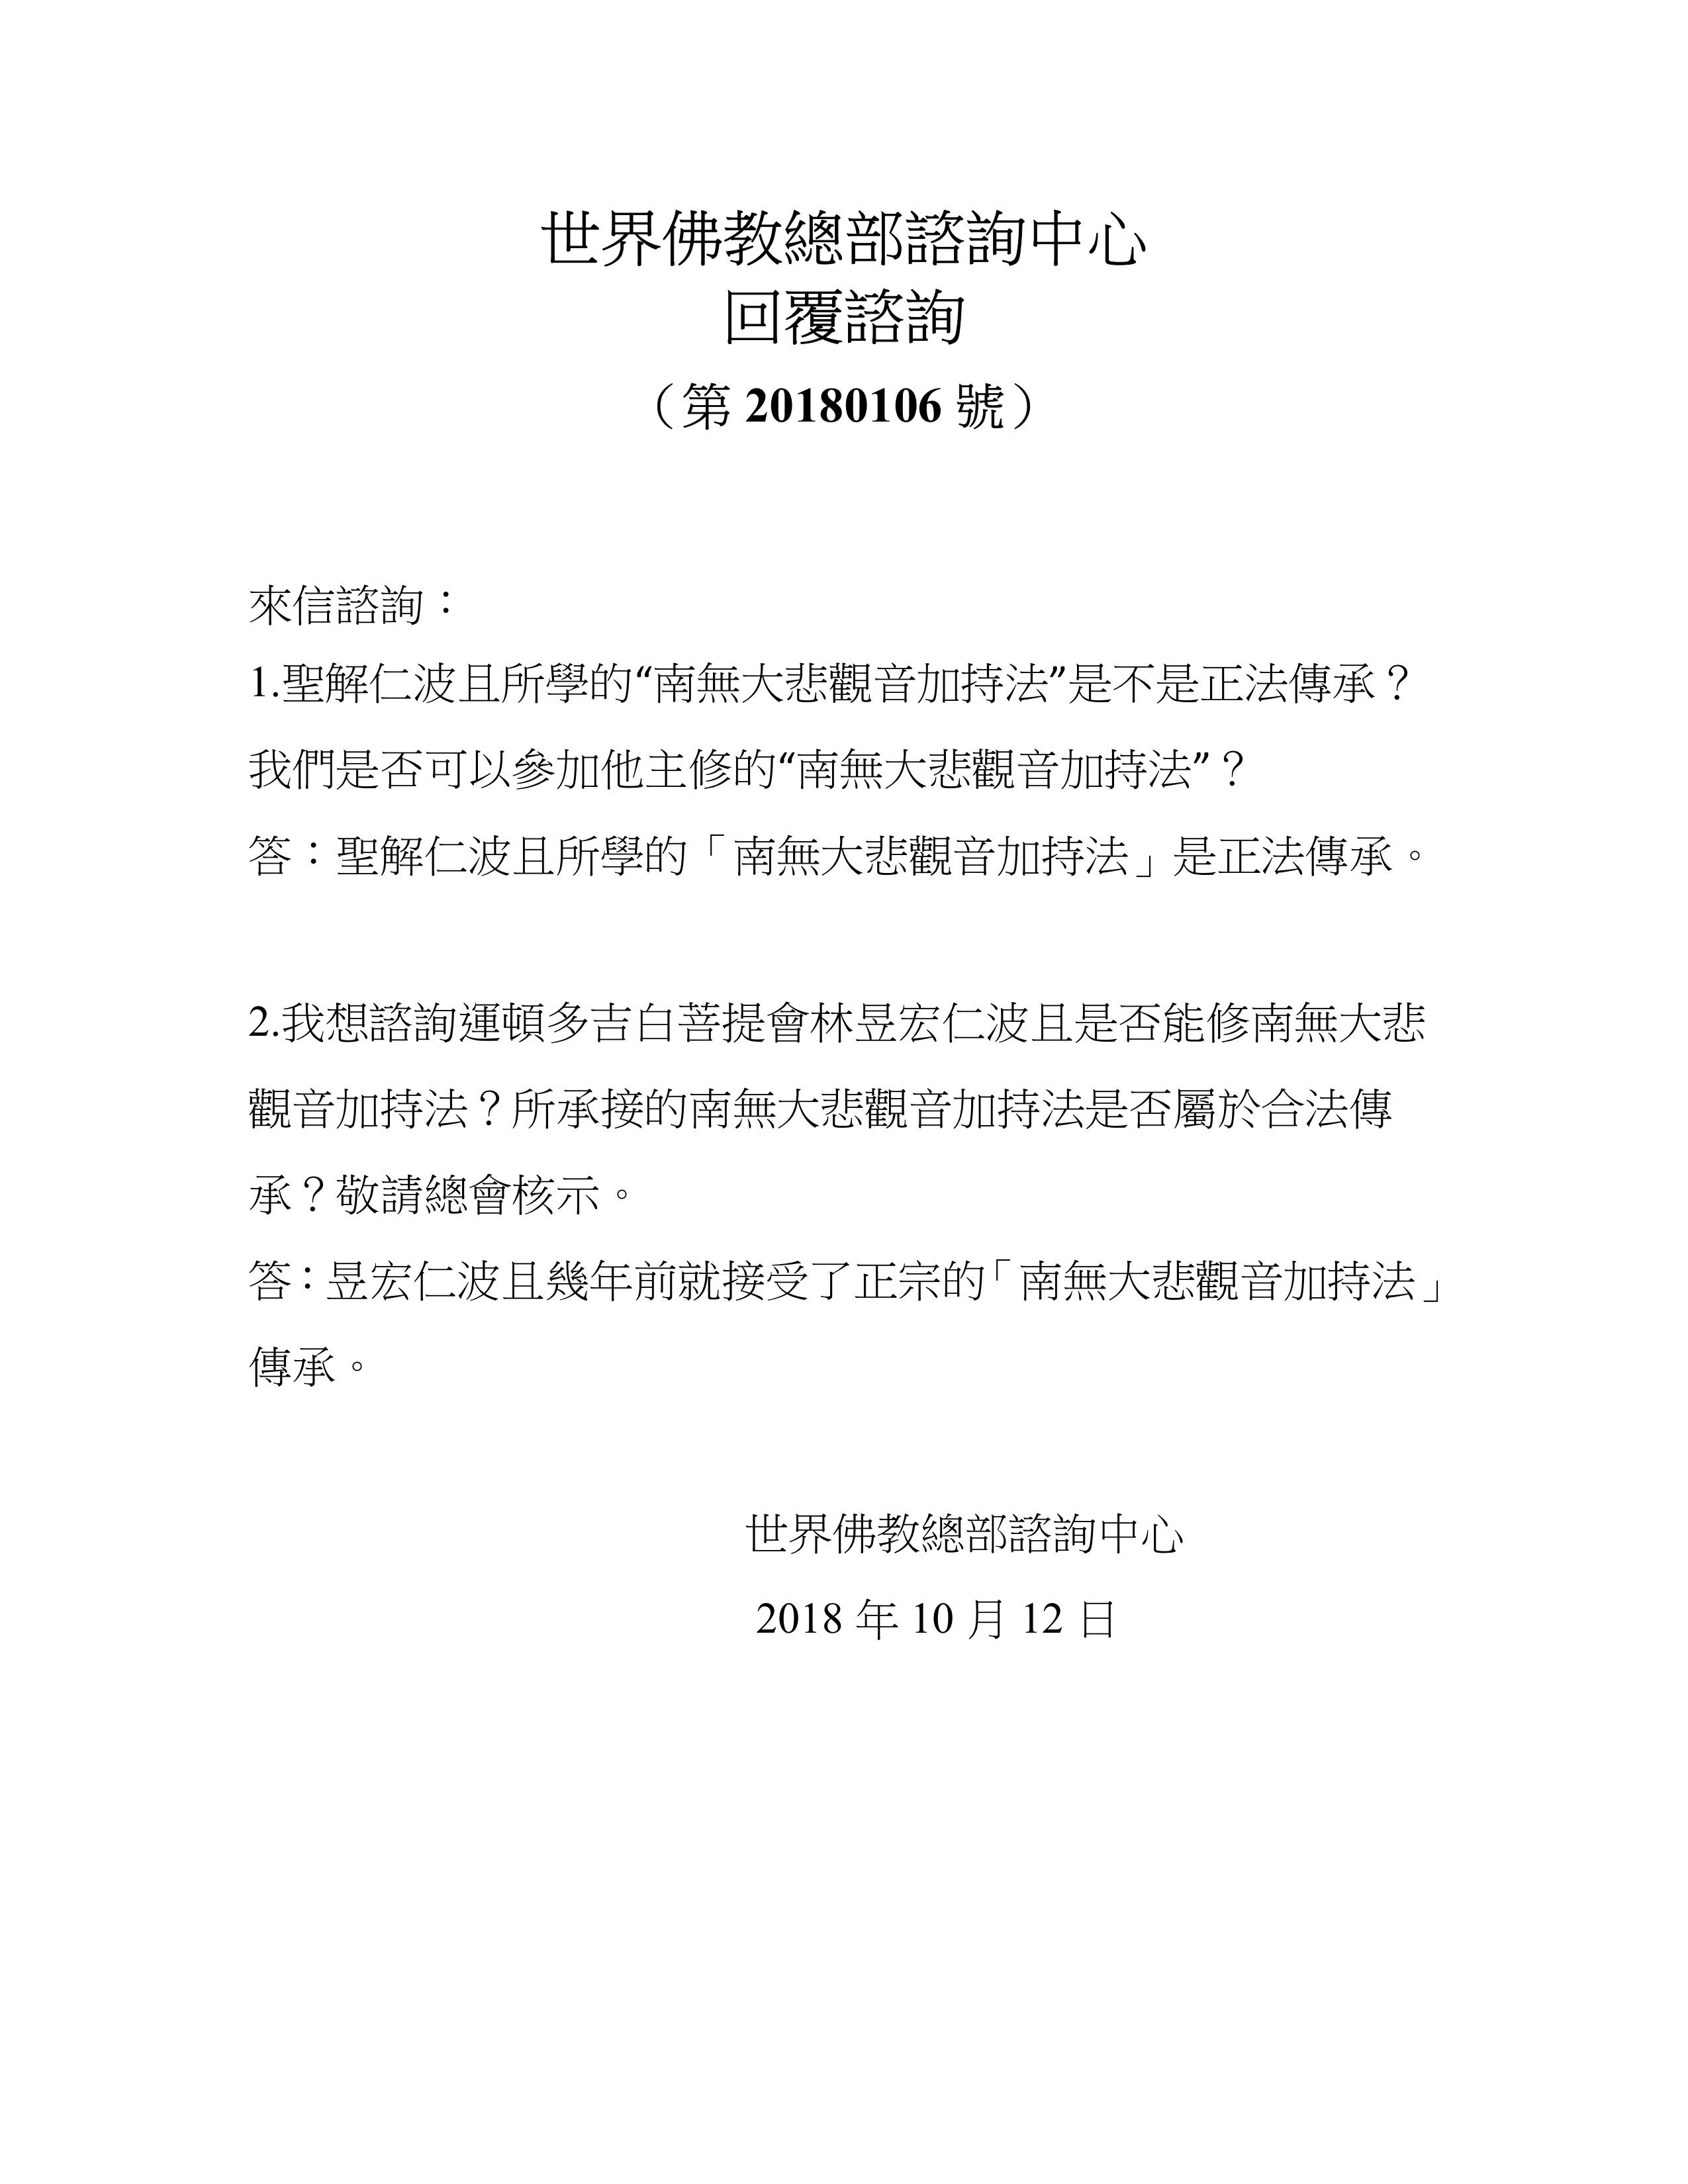 世界佛教總部諮詢中心回覆諮詢(第20180106號)